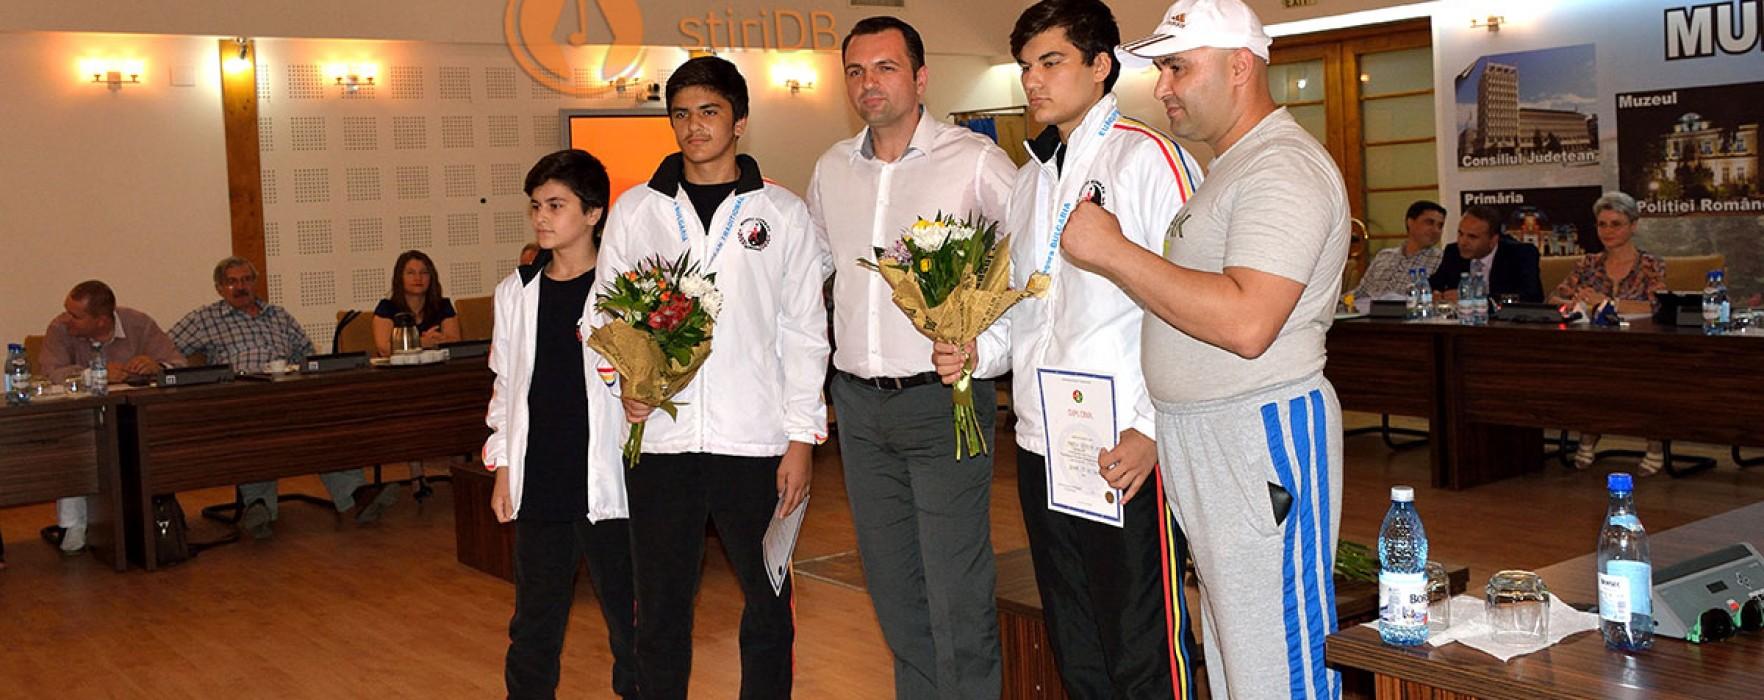 Campioni europeni de Wushu Kung-Fu, premiaţi de Consiliul Local Târgovişte